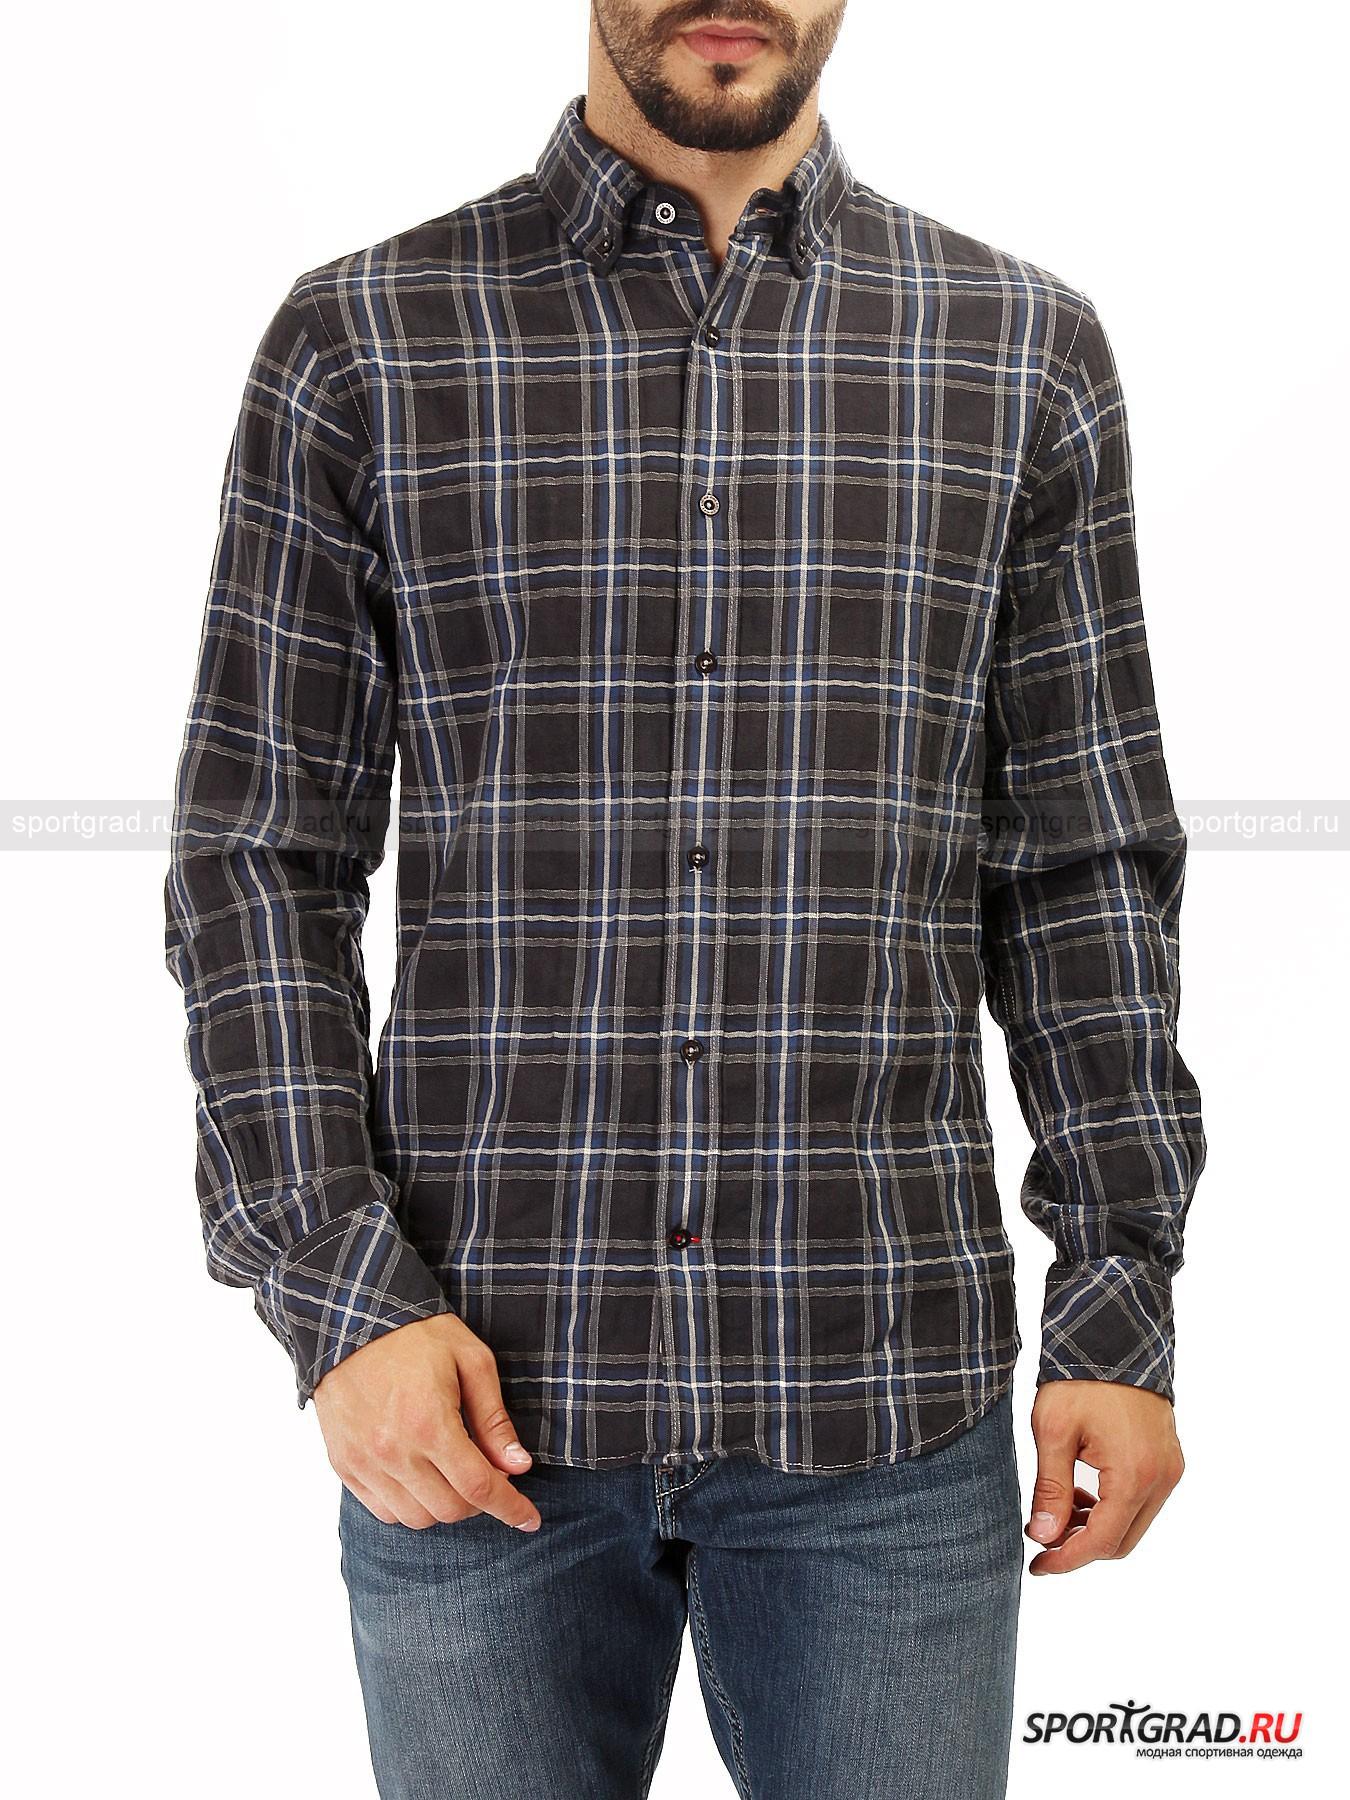 Рубашка мужская BOGNER FIRE&amp;ICE NealРубашки<br>Молодежное направление Bogner Fire&amp;Ice наполнено духом свободы и непрестанного позитивного настроя. При этом предметы гардероба из данной коллекции наделены стильным силуэтом и аккуратным кроем.<br><br>Мужская рубашка Neal – характерный пример фланелевой модели, которые чаще всего исполняются в клетчатом оформлении. Более тонкая материя, по сравнению с аналогами, делает модель значительно легче и удобнее в носке. Подобные рубашки прекрасно сочетаются с различным набором предметов гардероба и обуви. Джинсы или брюки, кроссовки или ботинки, не важно, все будет здорово смотреться с такой рубашкой.<br><br>•Застегивается на пуговицы<br>•Удлиненный рукав<br>•Ворот фиксирован пуговицами<br>•Манжеты рукавов на пуговицах<br><br>Пол: Мужской<br>Возраст: Взрослый<br>Тип: Рубашки<br>Рекомендации по уходу: Деликатная стирка при температуре 30С, не отбеливать, не сушить в барабане стиральной машины, не гладить, химчистка разрешена.<br>Состав: 99% хлопок/1% эластан.